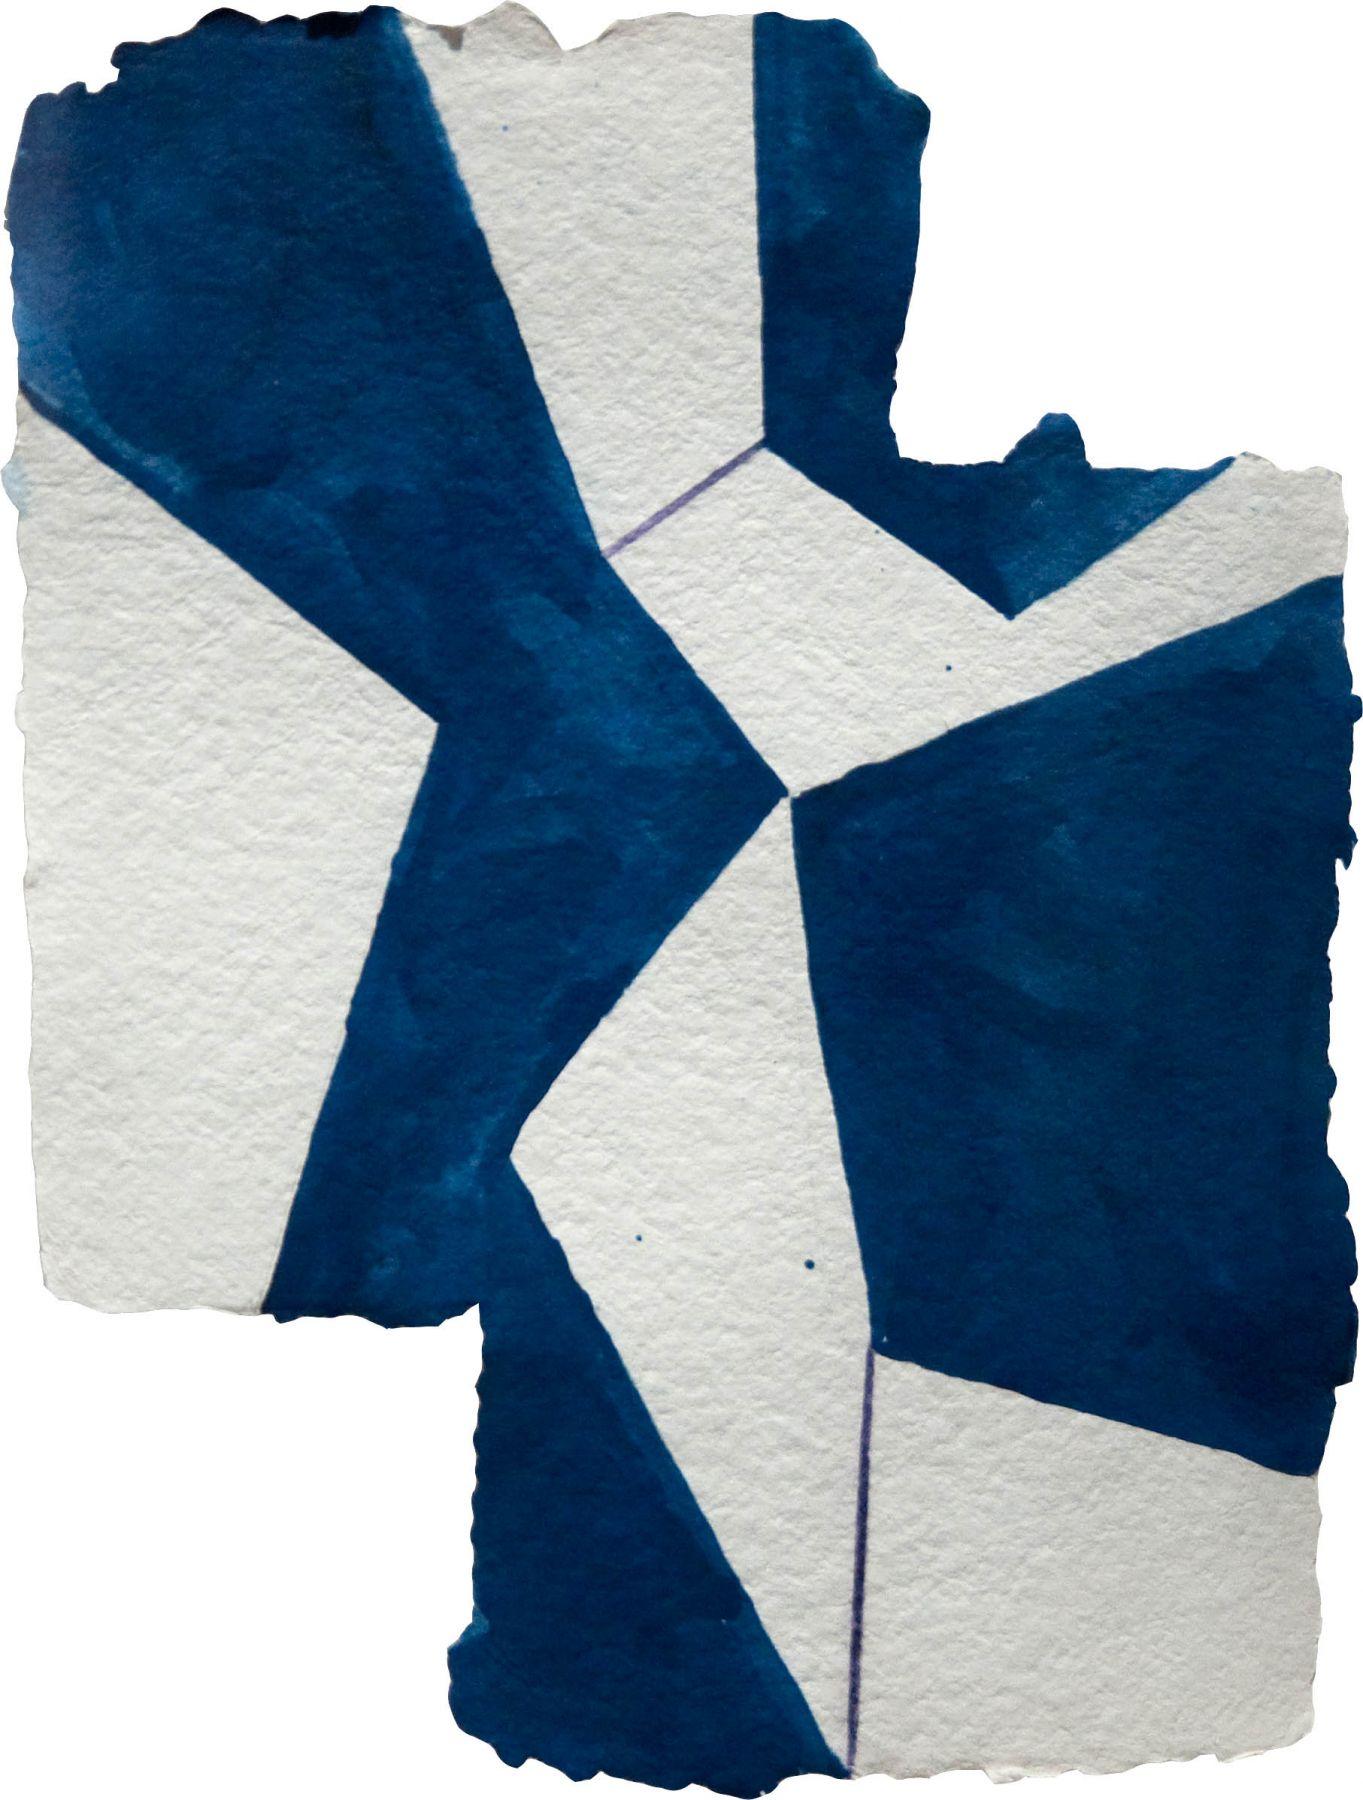 Mary Heilmann Blue Cracky Locks Gallery Drawing